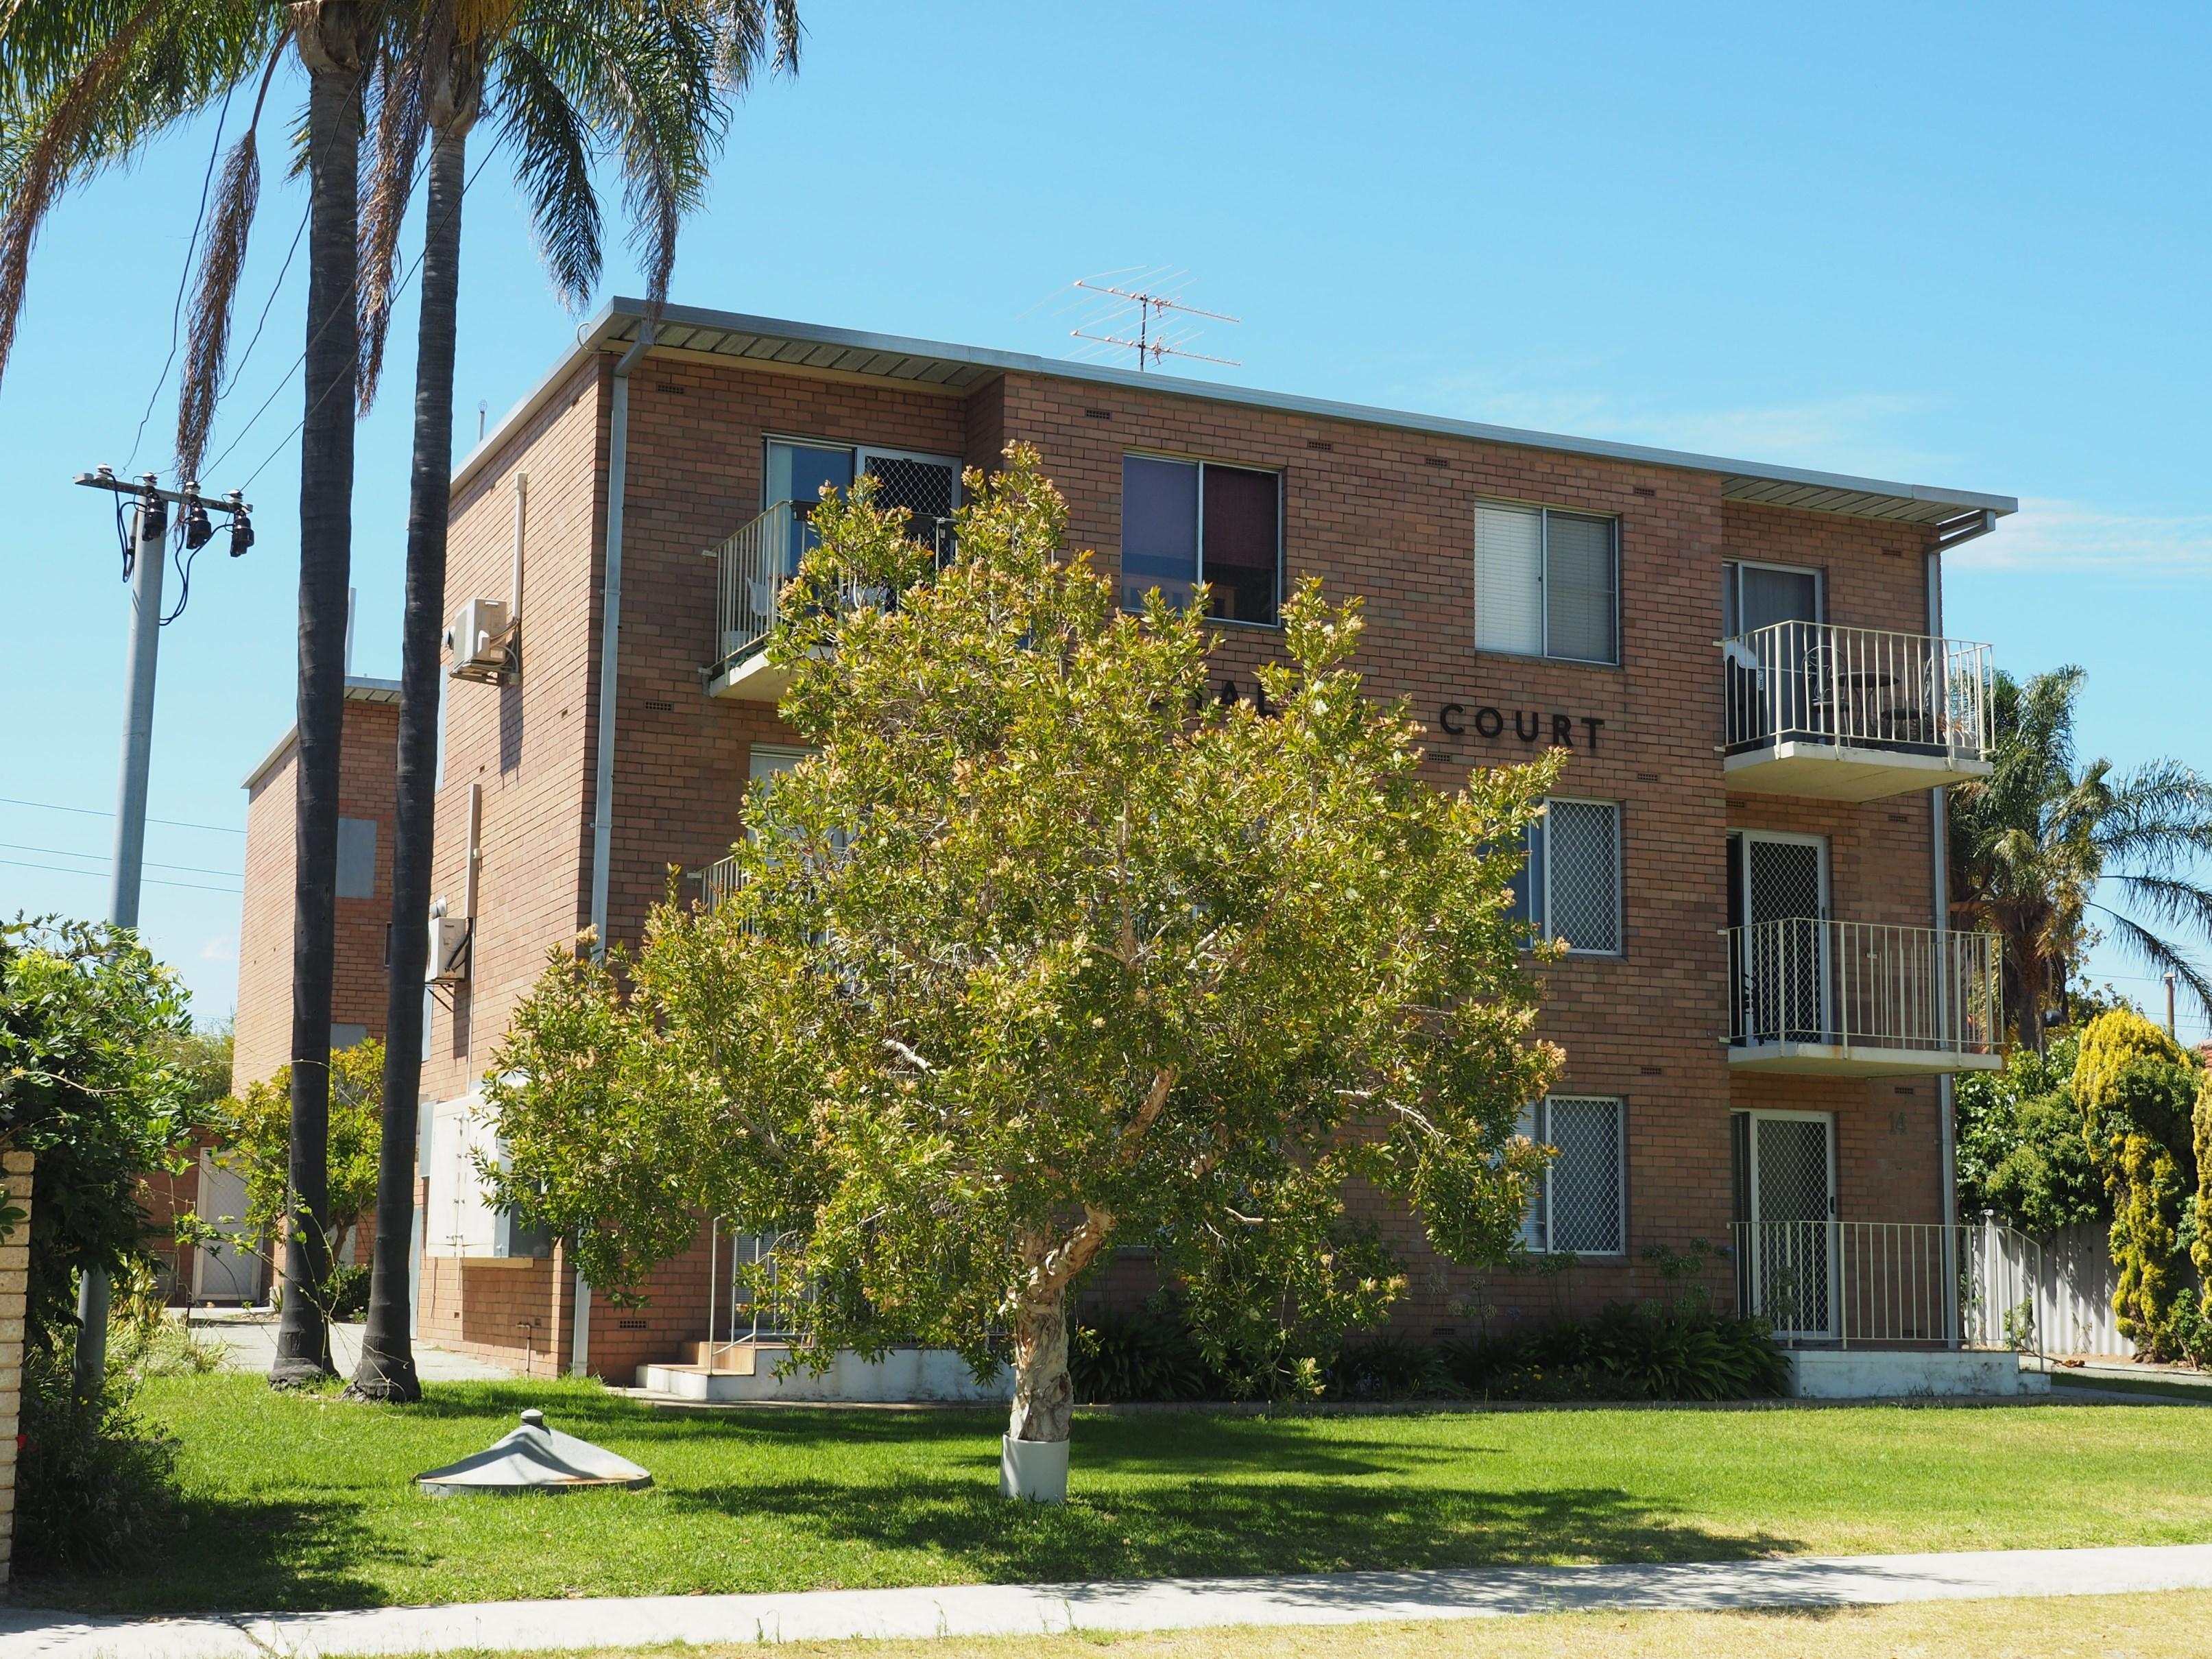 4/14 Lawley St West Perth WA 6005